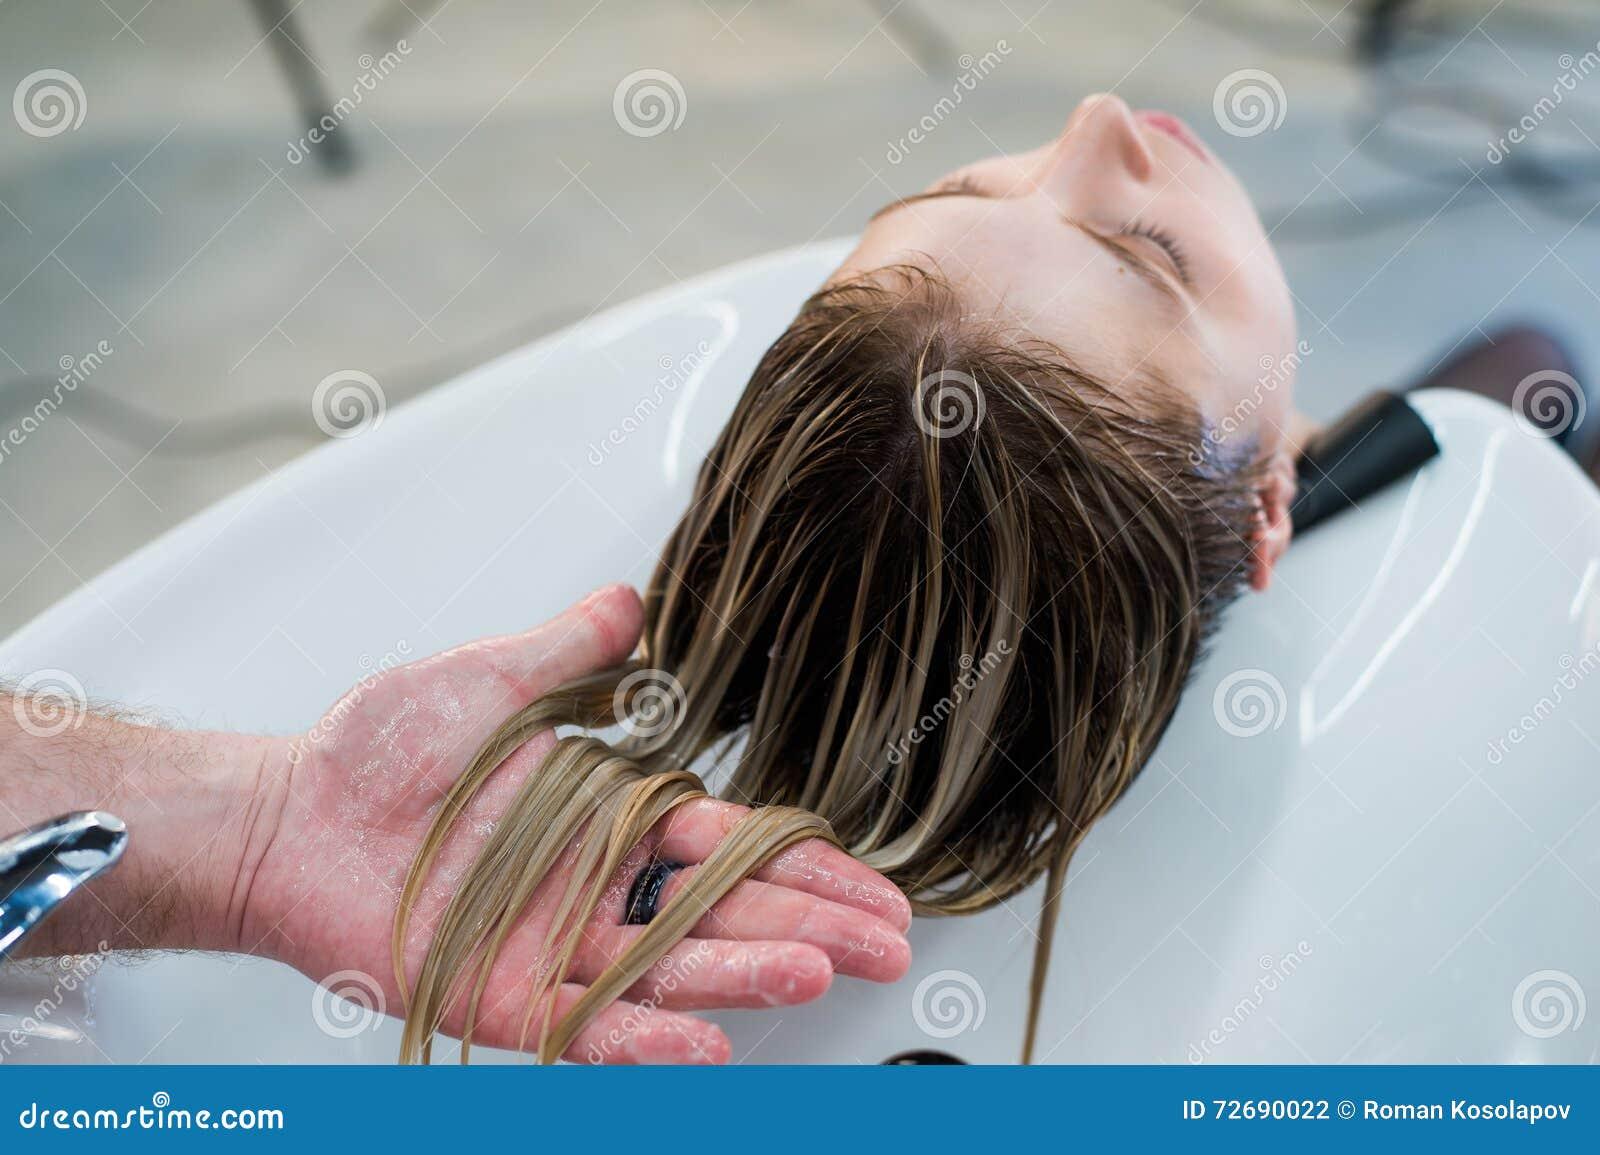 Προσοχή τρίχας στο σύγχρονο σαλόνι SPA Τρίχες του αρσενικού κομμωτών πλύσης κοριτσιού εφήβων